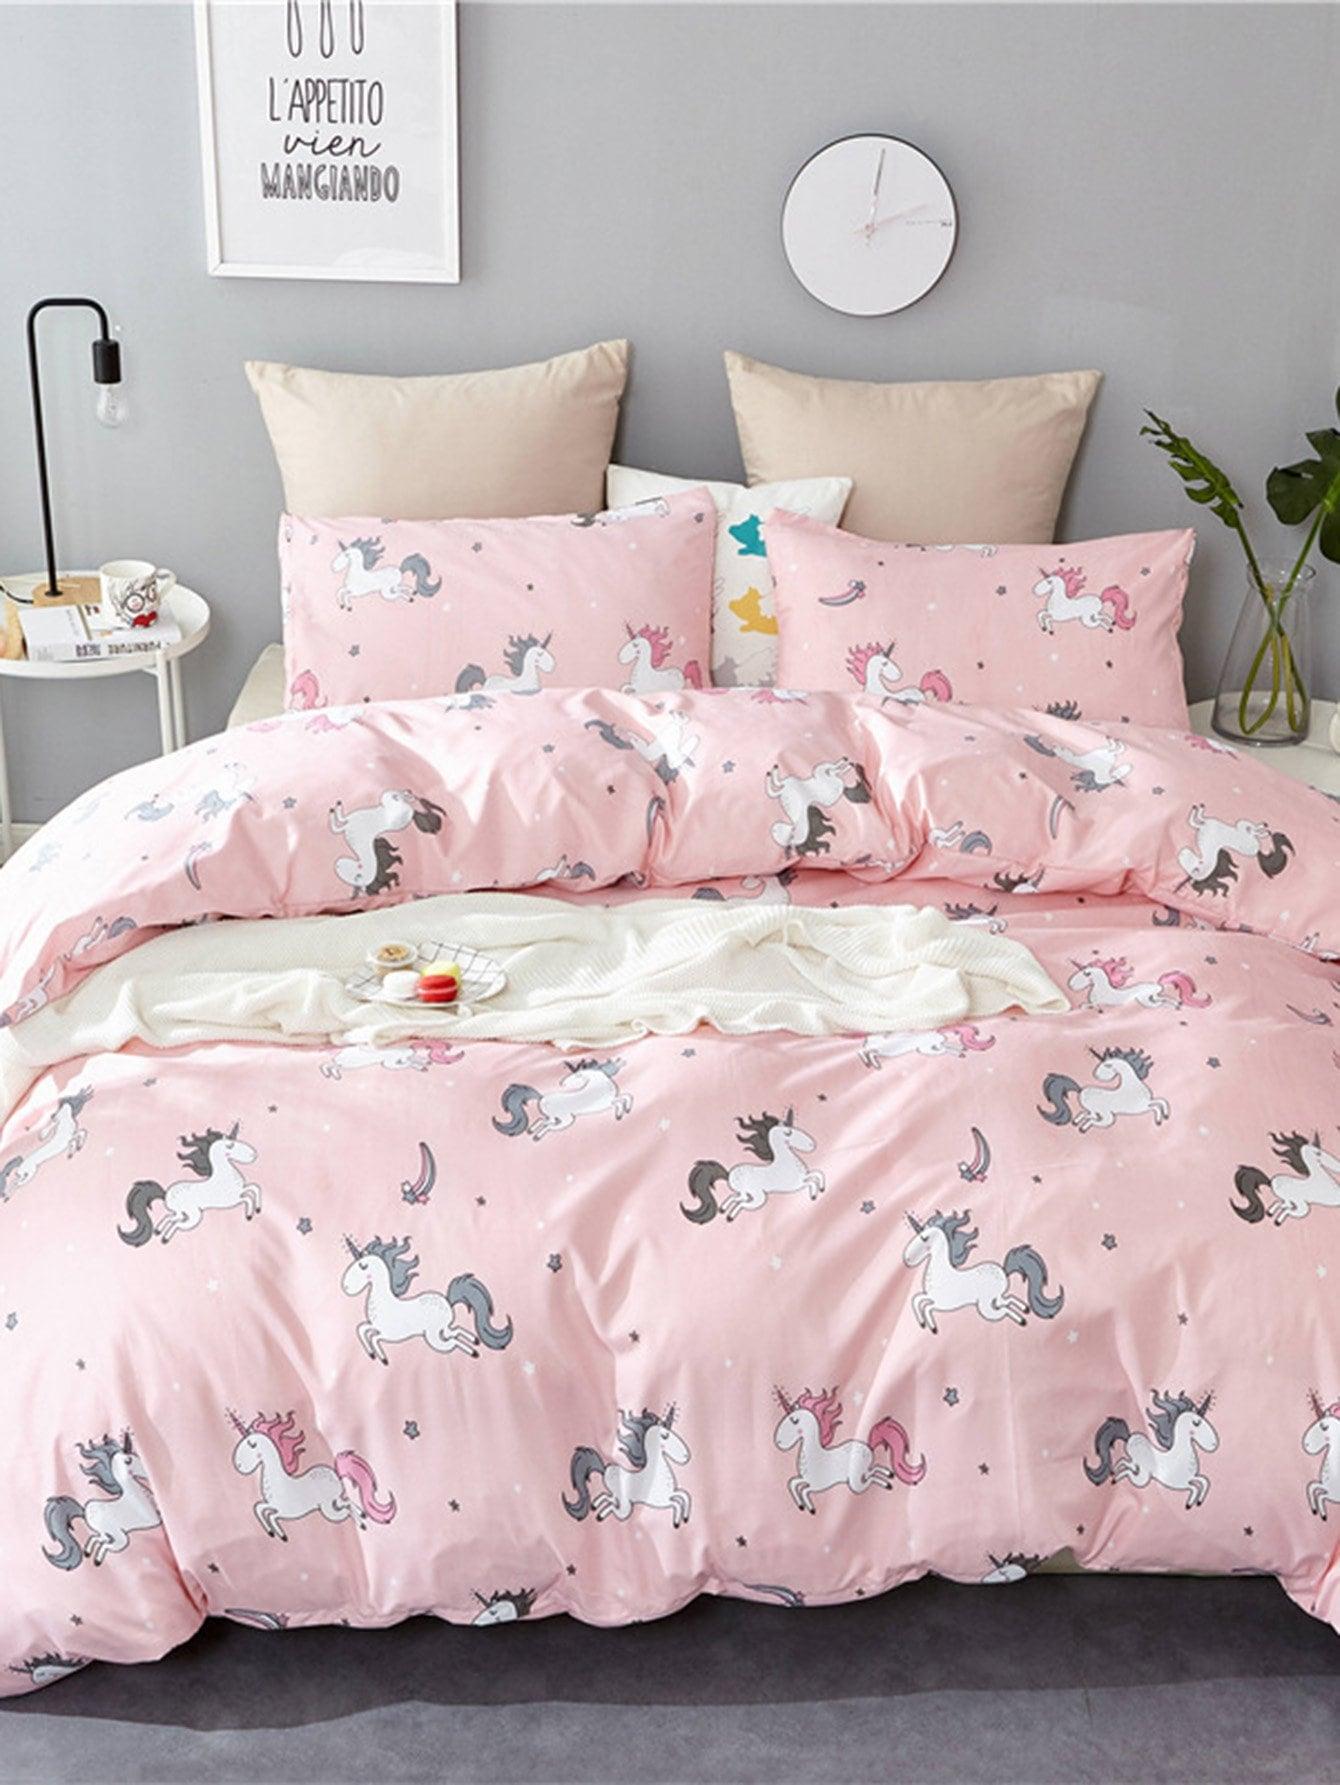 Купить Комплект постельного белья с единорог принтом, null, SheIn